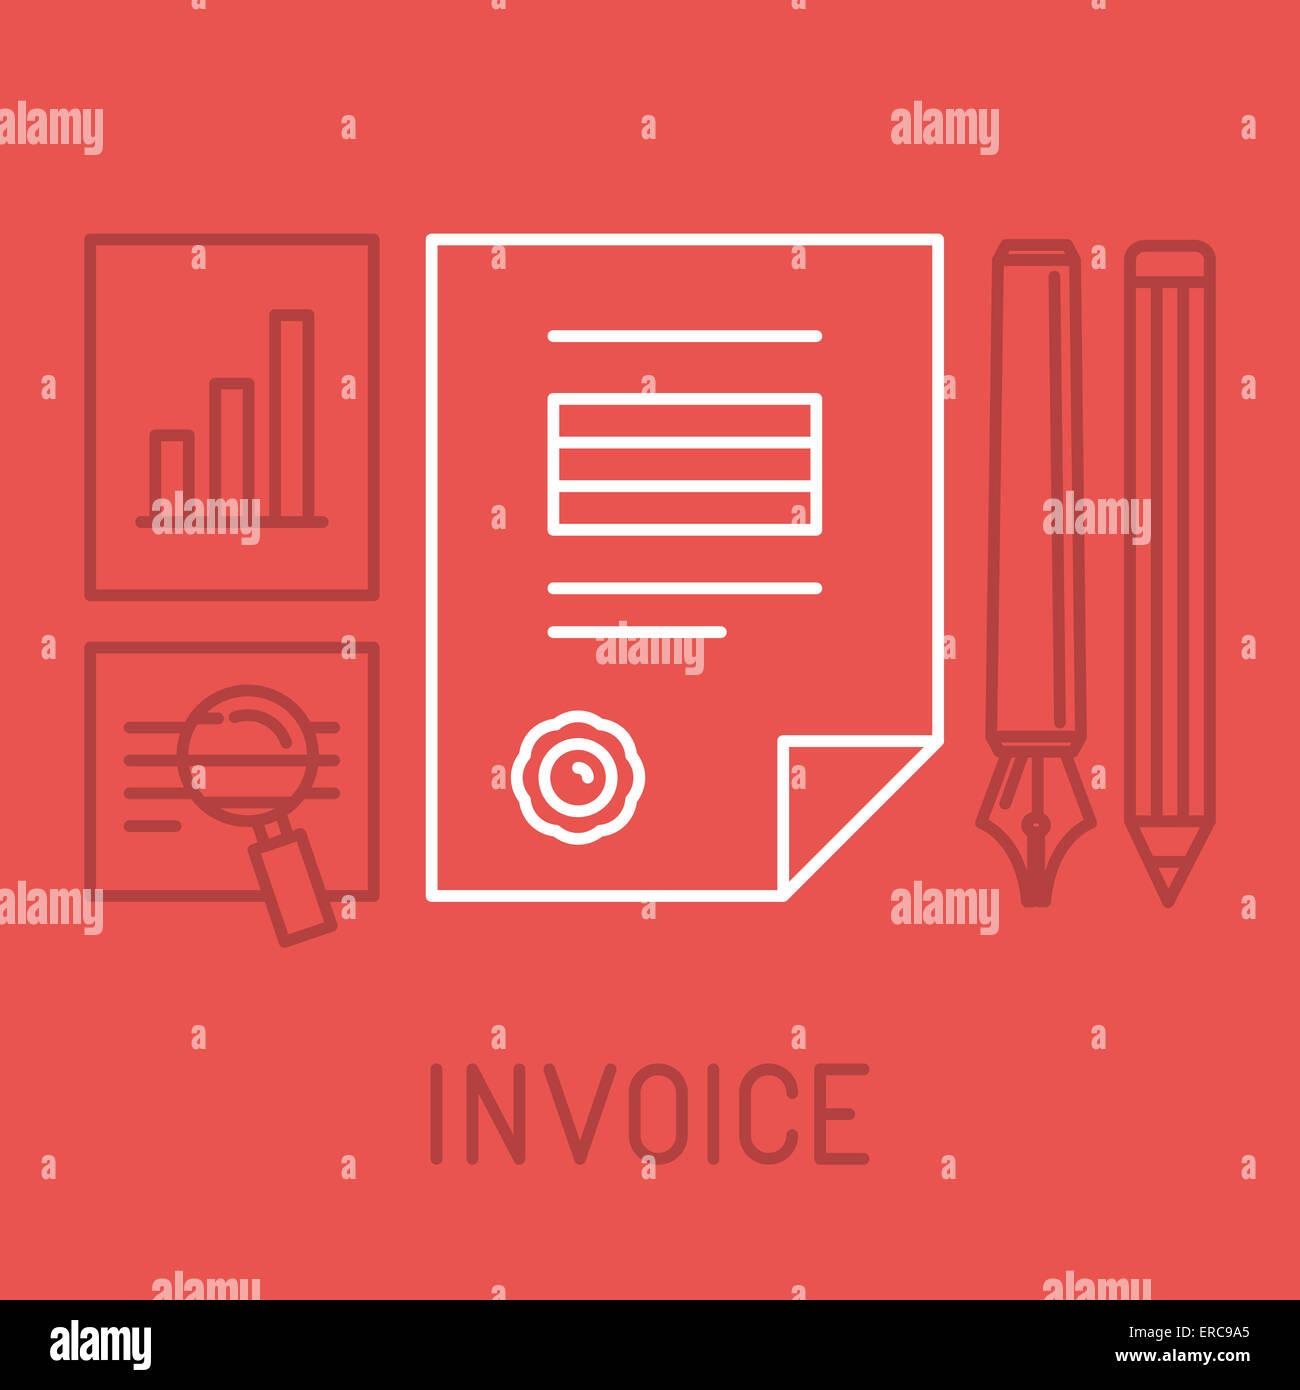 Concepto de factura en el estilo de esquema - bill icono con sello pagado Imagen De Stock